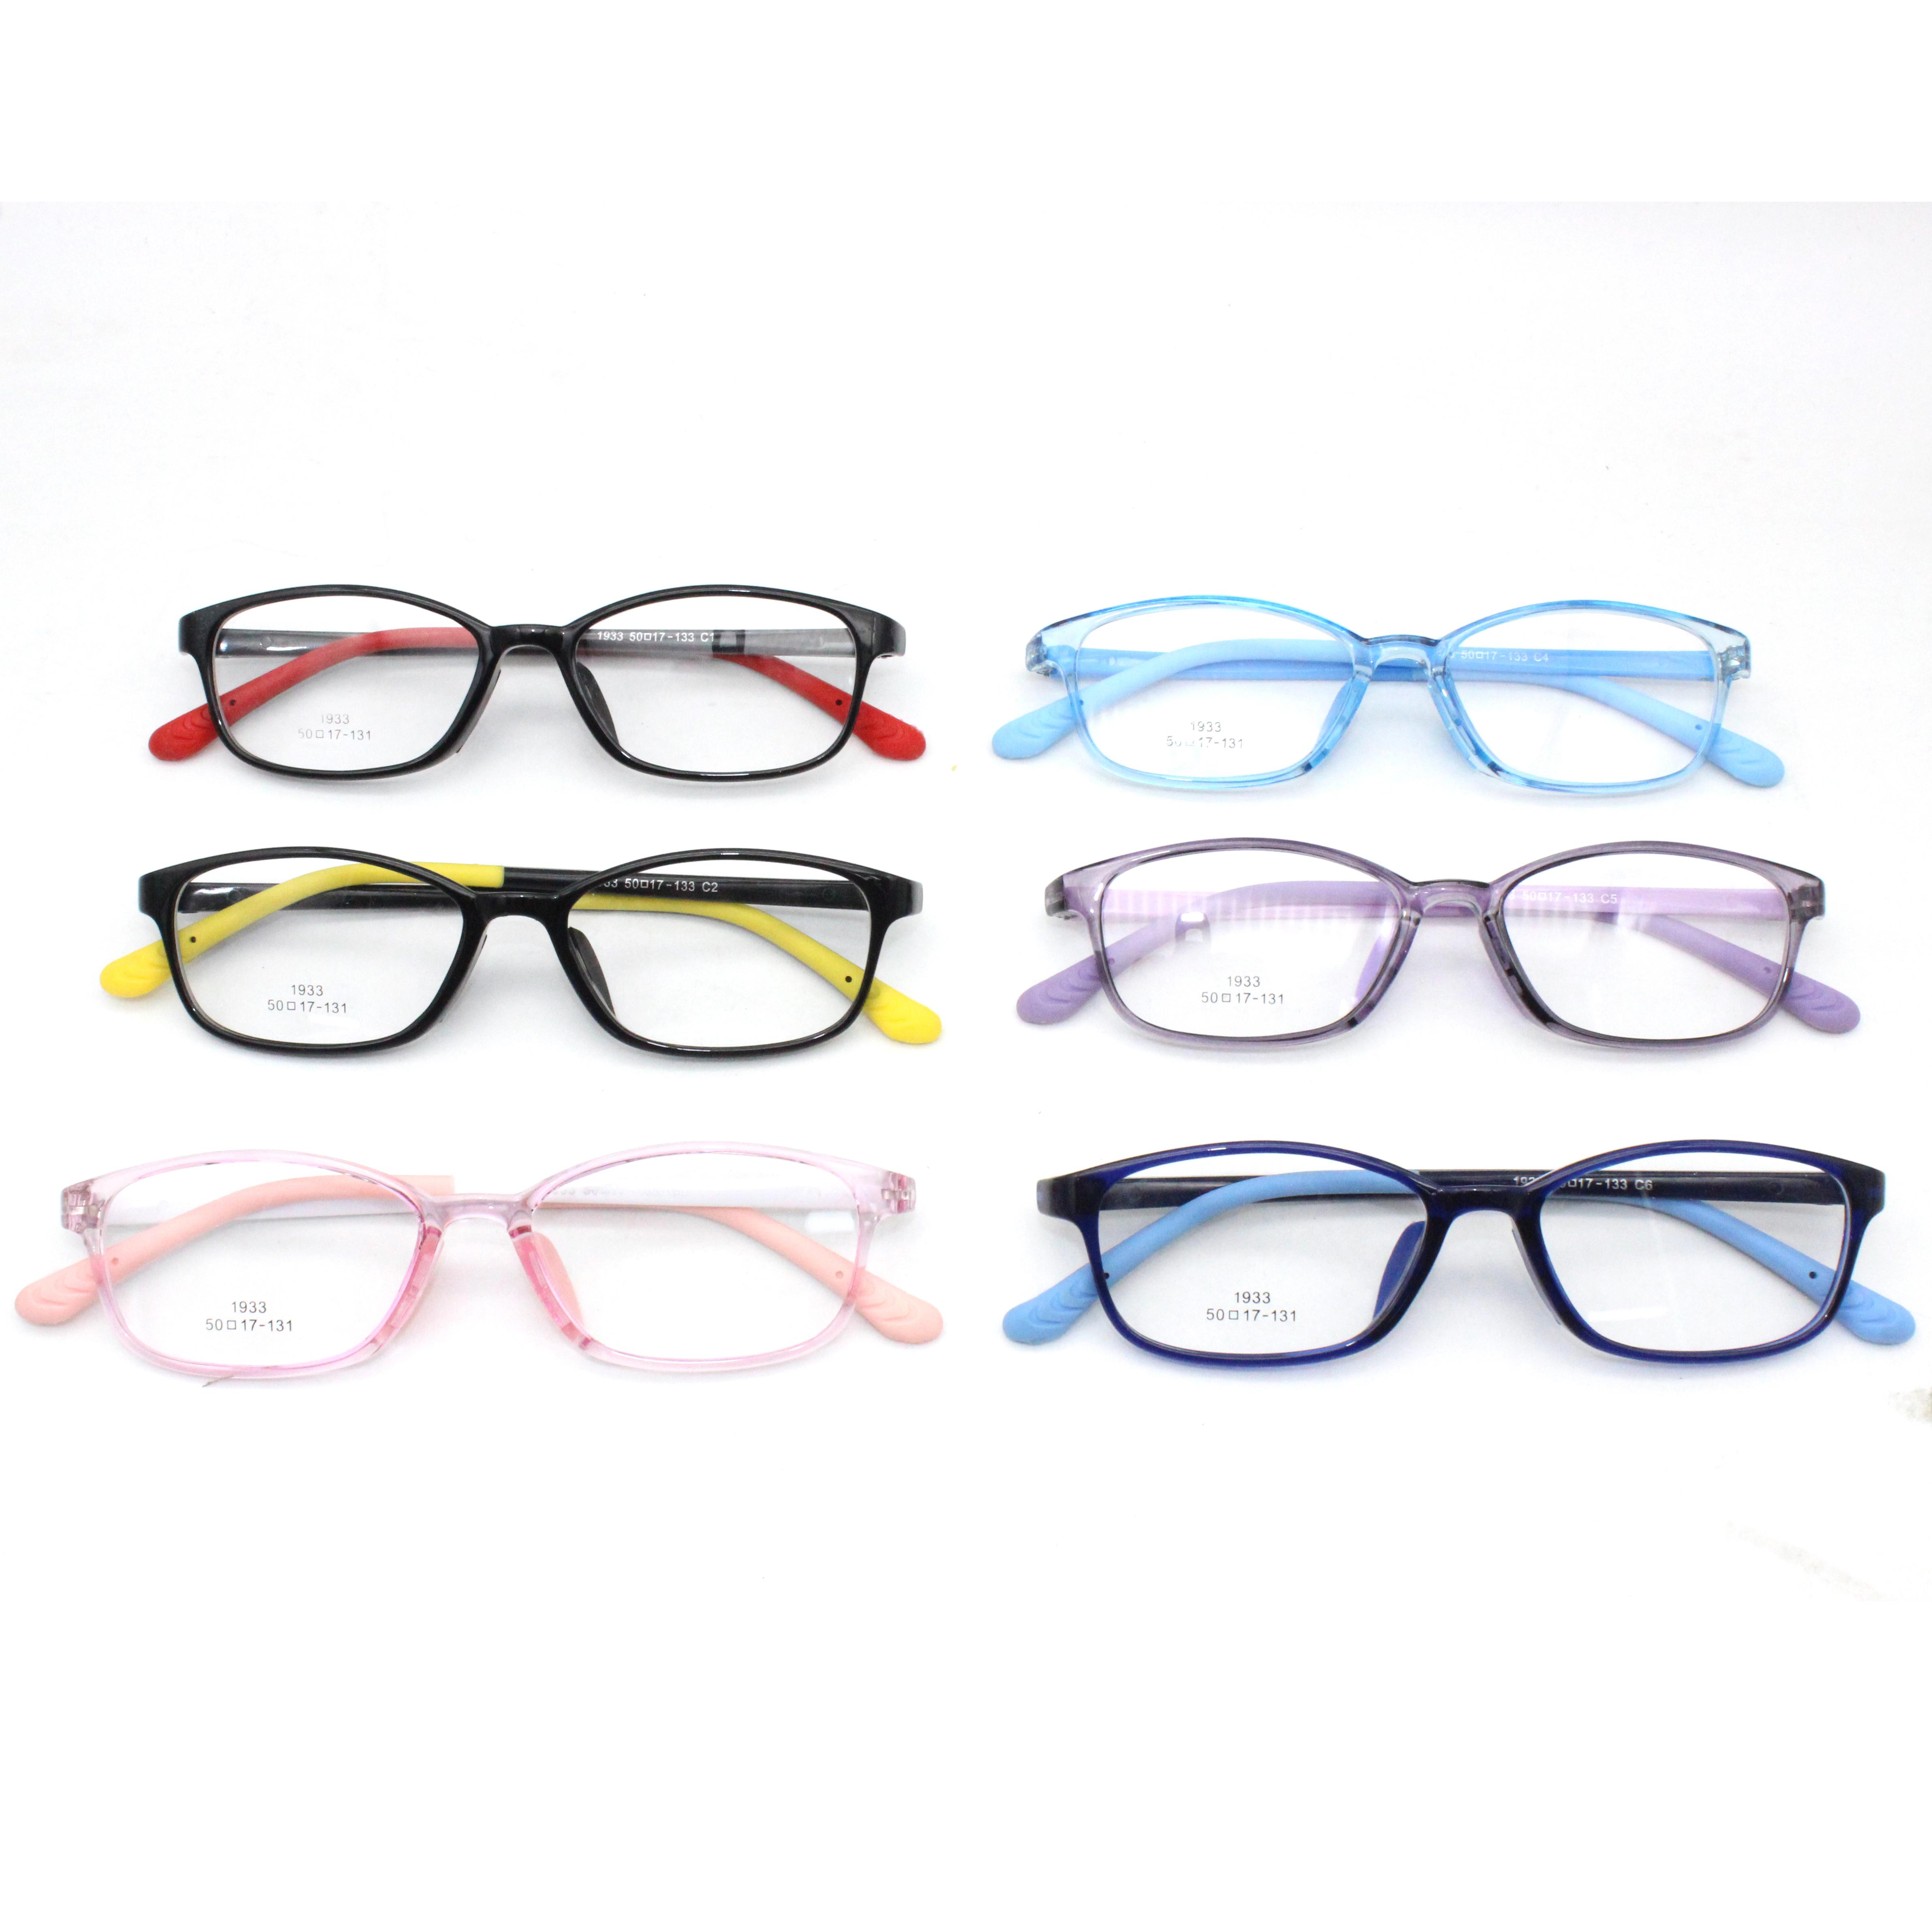 ซิลิโคนวัด TR ด้านหน้าเด็ก Eye กรอบคุณภาพสูงแว่นตาเด็กแว่นตากันแดด Blue Light ของขวัญคริสต์มาสสำหรับเด็ก